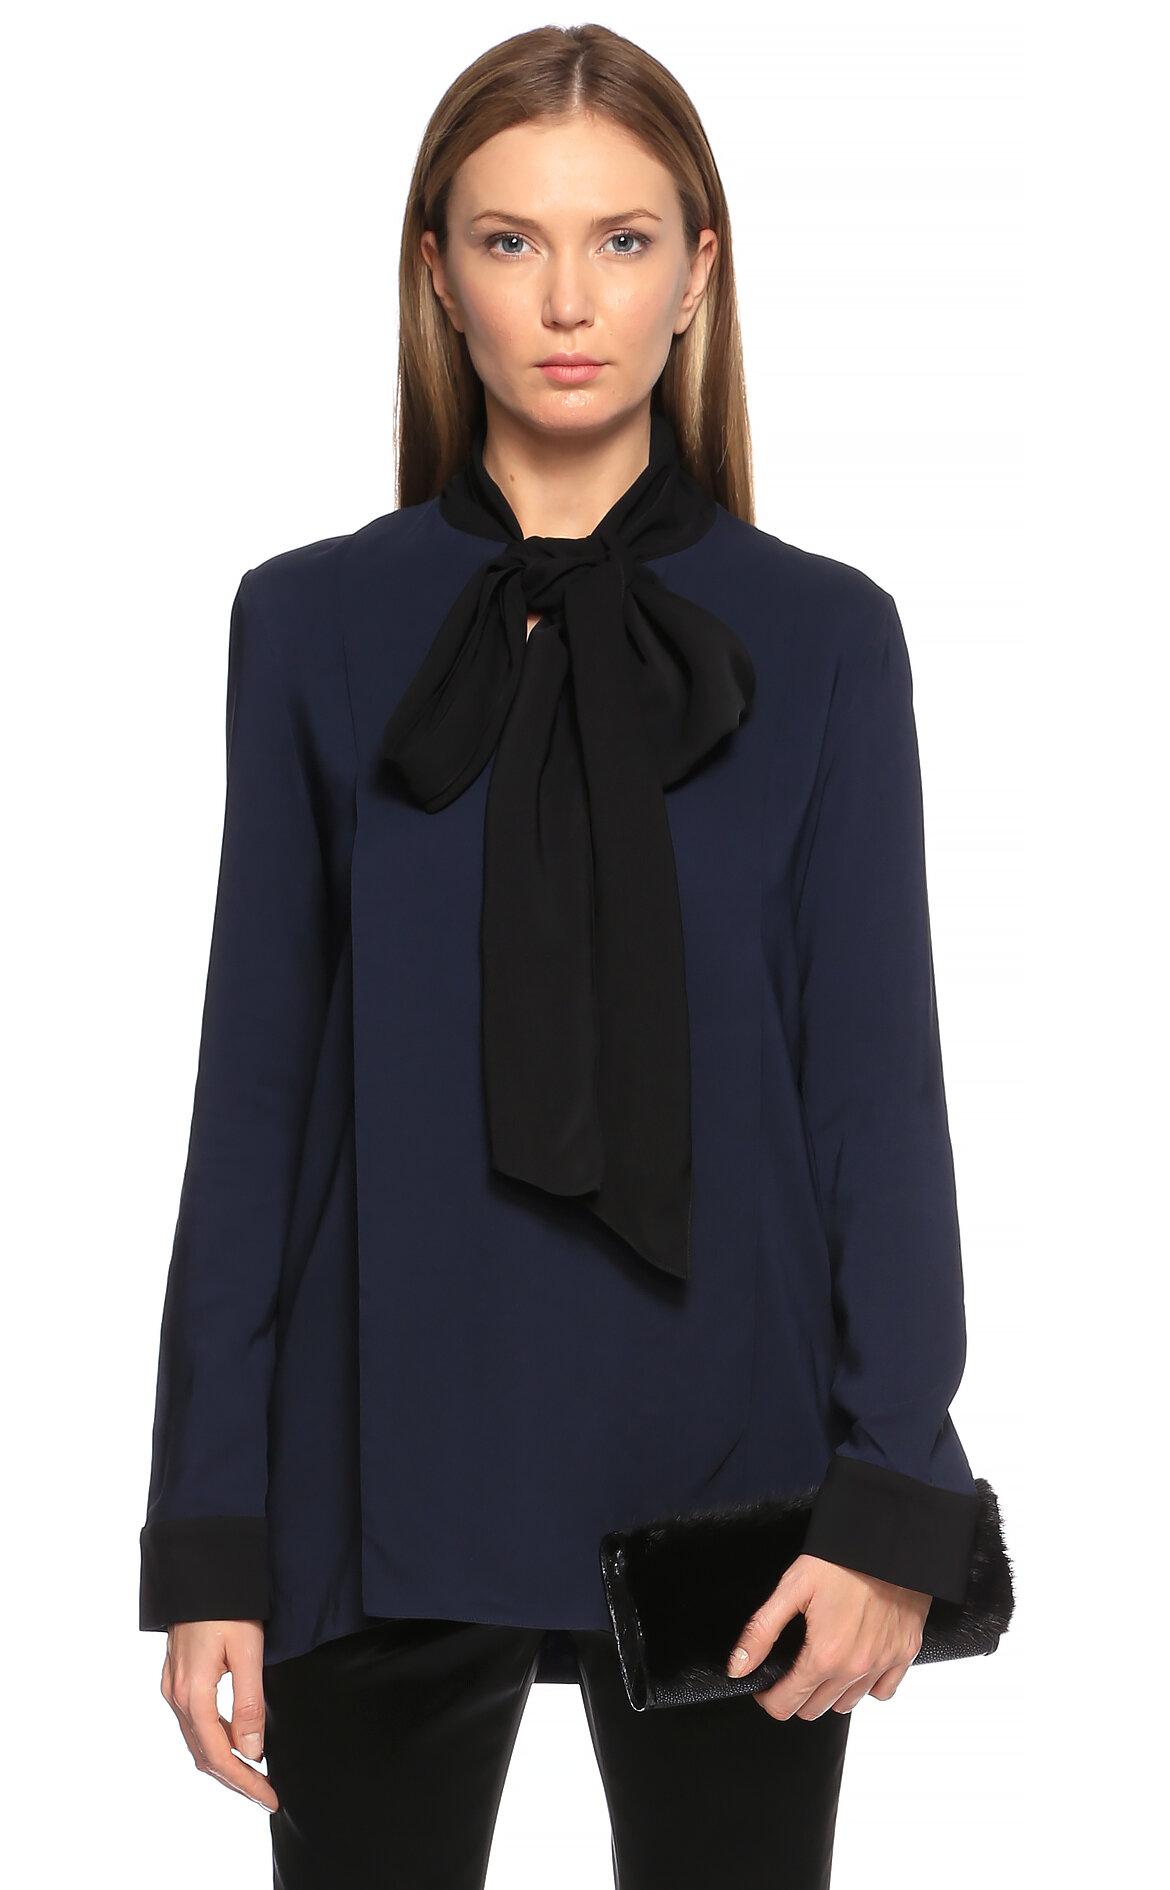 Lanvin-Lanvin Şal Yaka Lacivert-Siyah Bluz